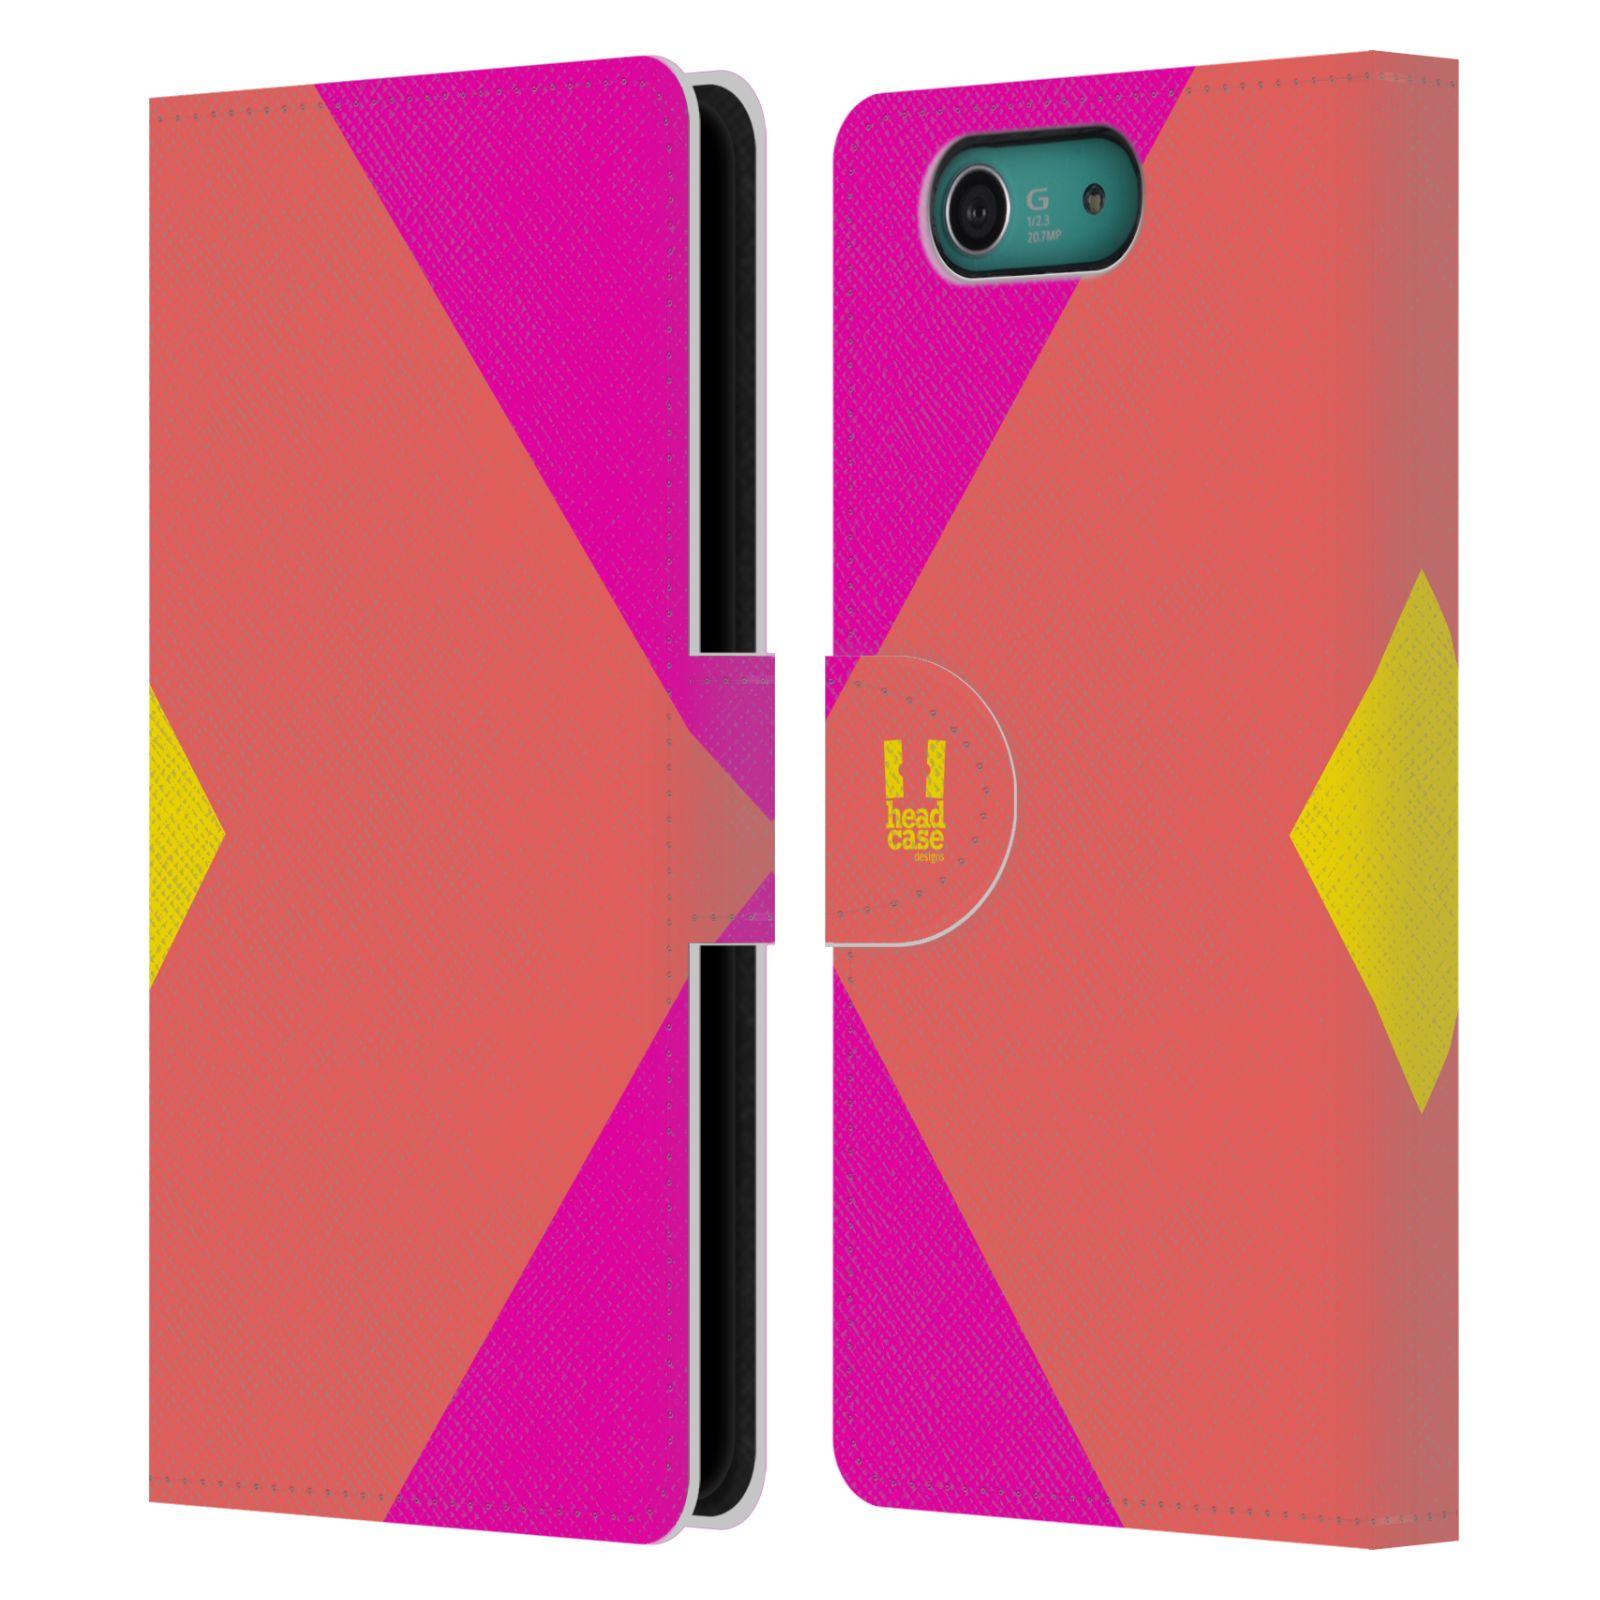 HEAD CASE Flipové pouzdro pro mobil SONY XPERIA Z3 COMPACT barevné tvary růžová korál